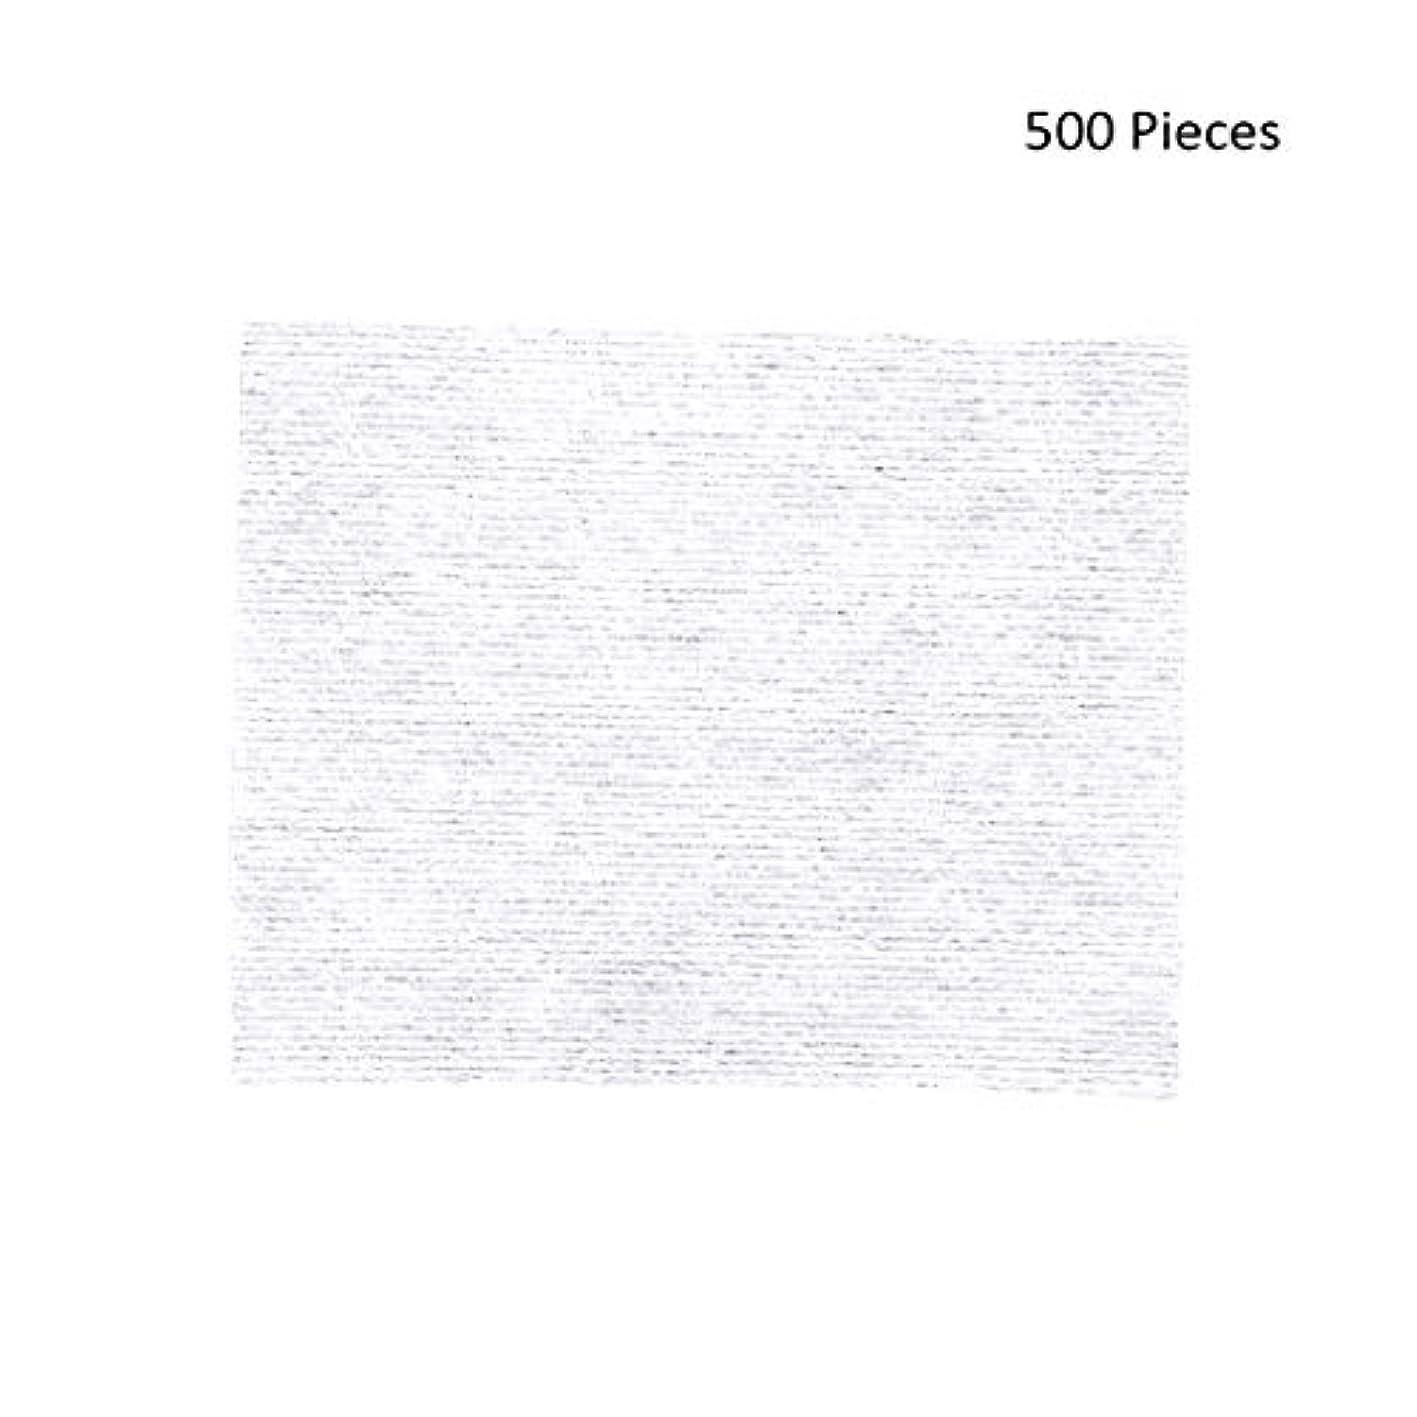 コンパニオンナースコンパニオンクレンジングシート 500ピースフェイスメイクアップリムーバーメイクワイプコットンパッドメイクアップリムーバーパッドソフトパッド化粧品フェイスマスククレンジングケア 落ち水クレンジング シート モイスト (Color :...